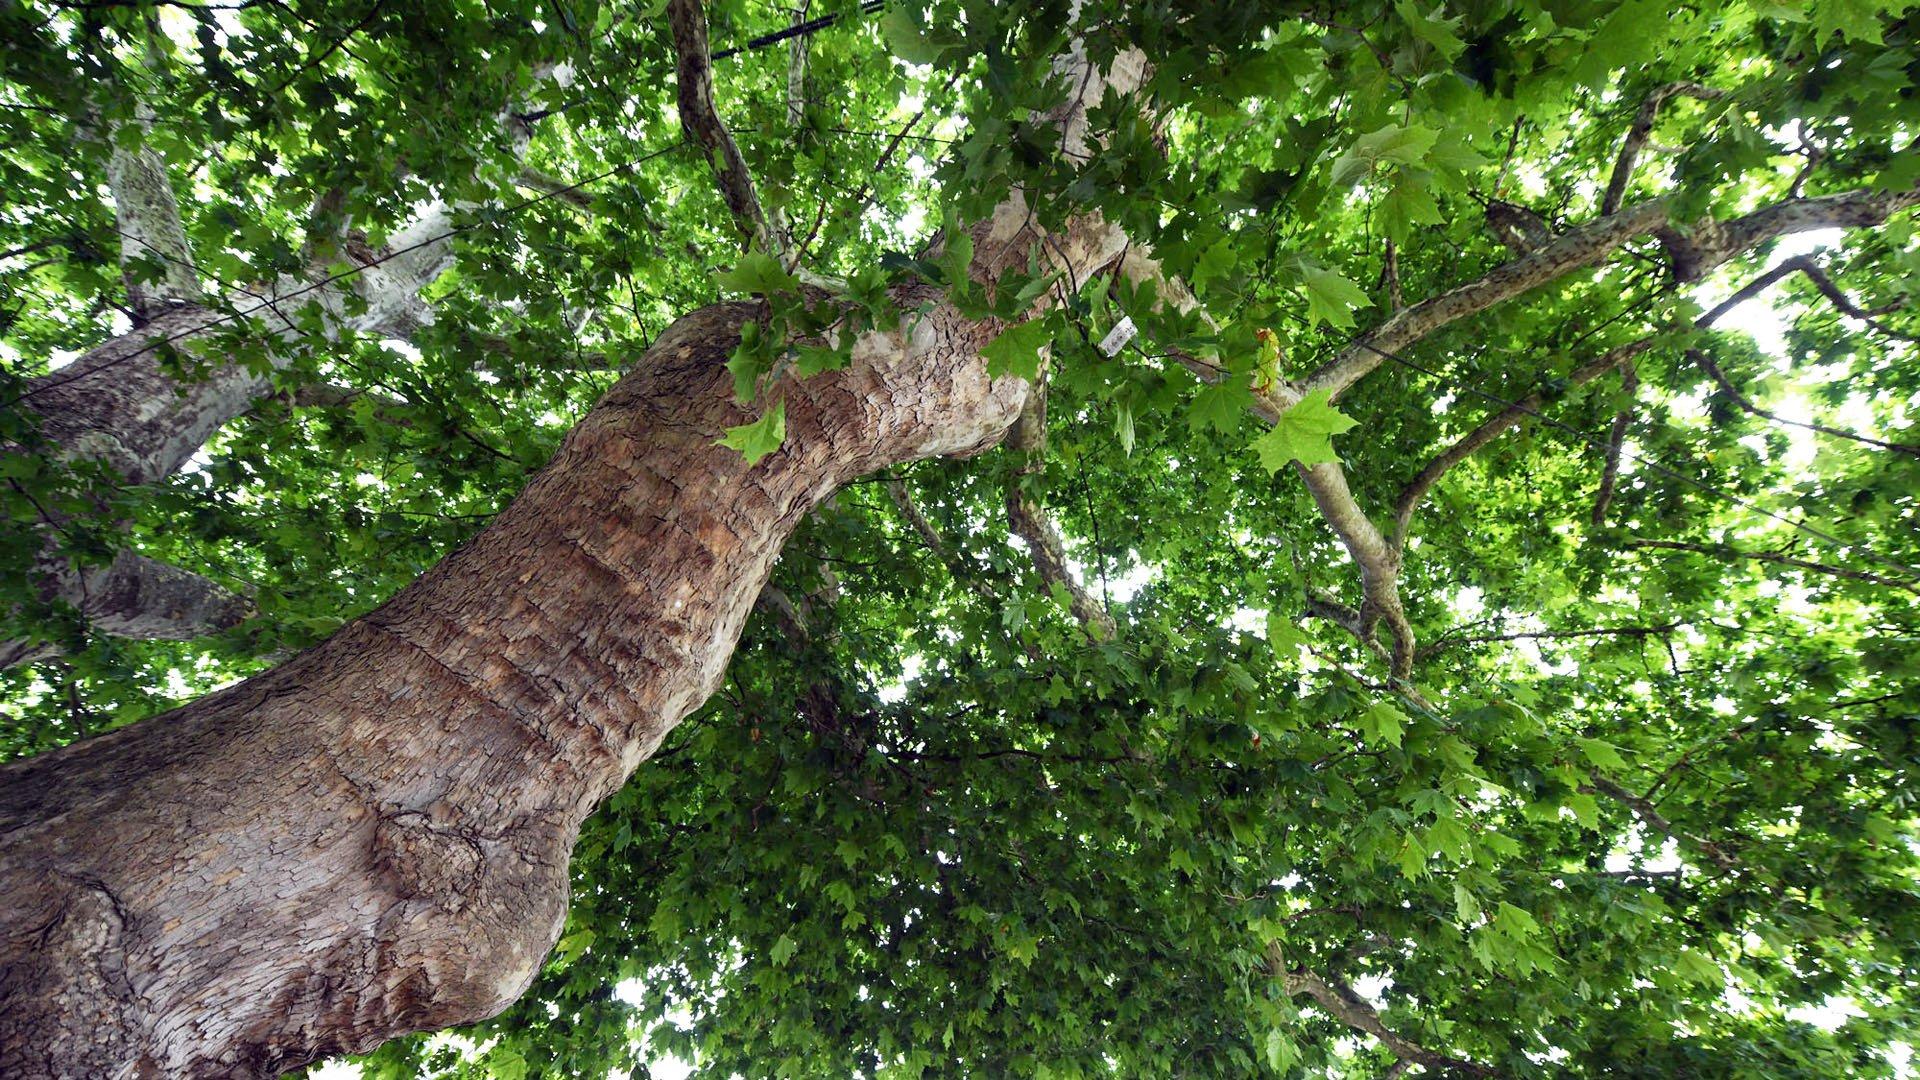 L'arbre musée de Lutterbach, un feuillage protecteur